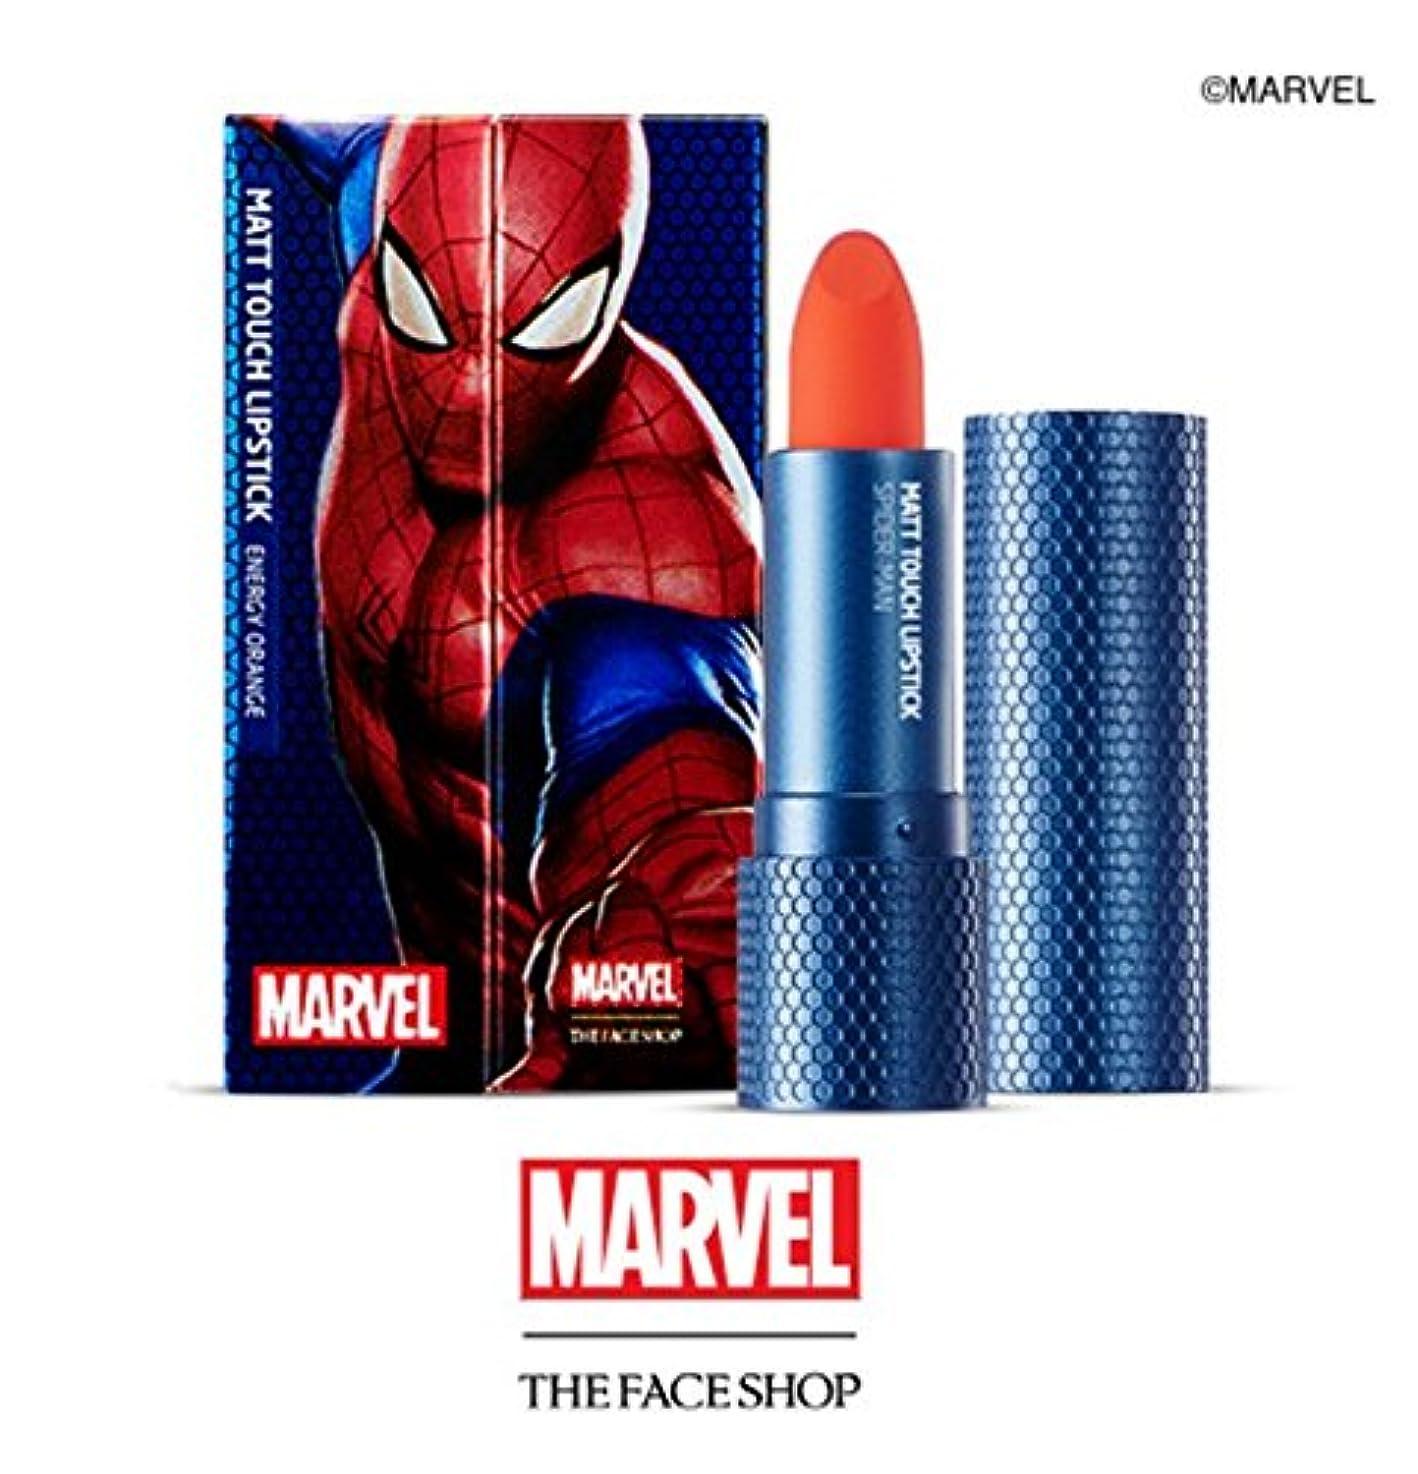 セント壮大なアジテーションTHE FACE SHOP マーベル限定版 マット タッチ リップスティック/MARVEL Edition Matt Touch Lipstictk (OR02) [並行輸入品]